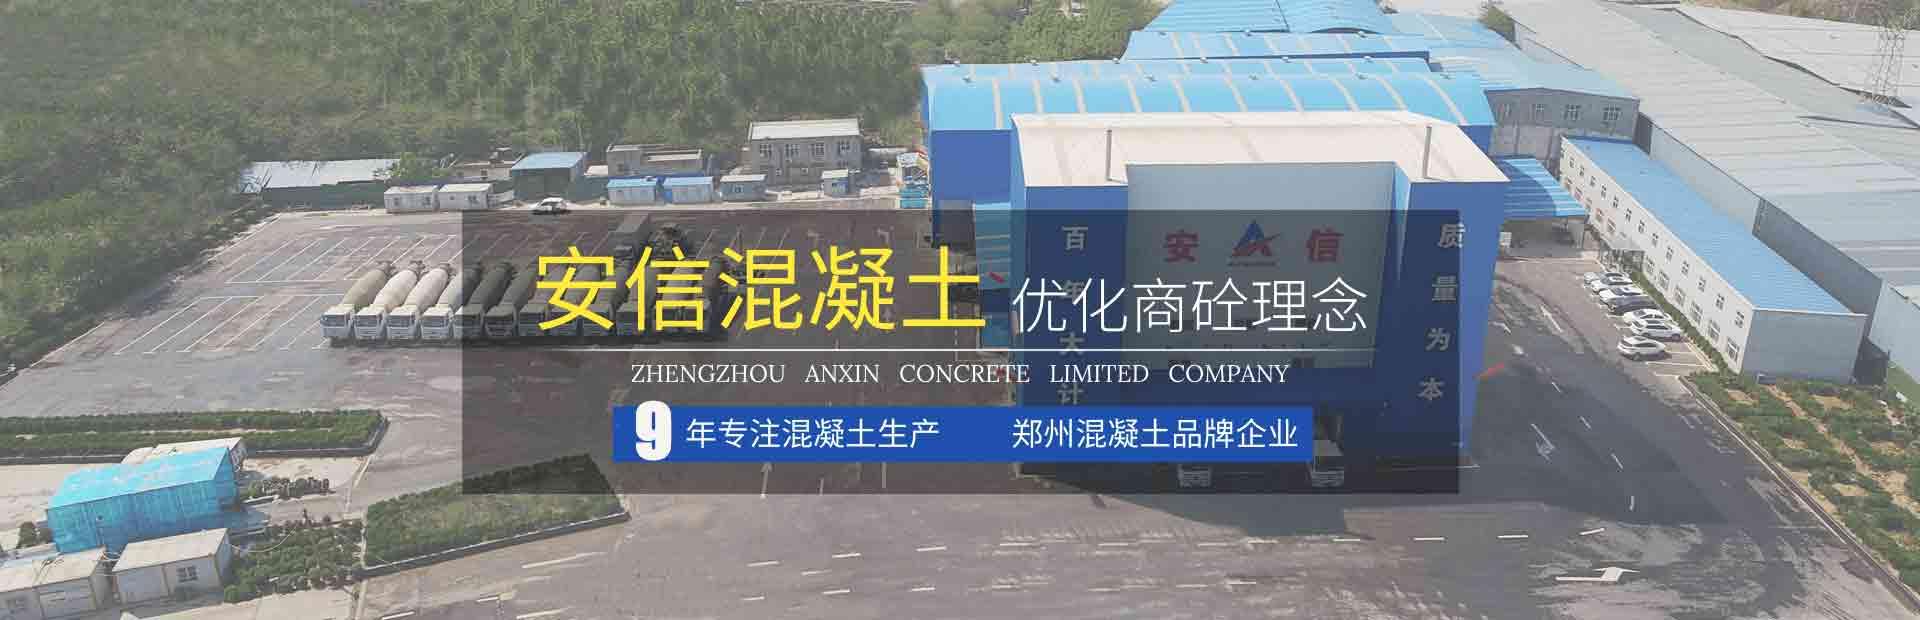 安信混凝土有限公司8年商品混凝土生产与销售